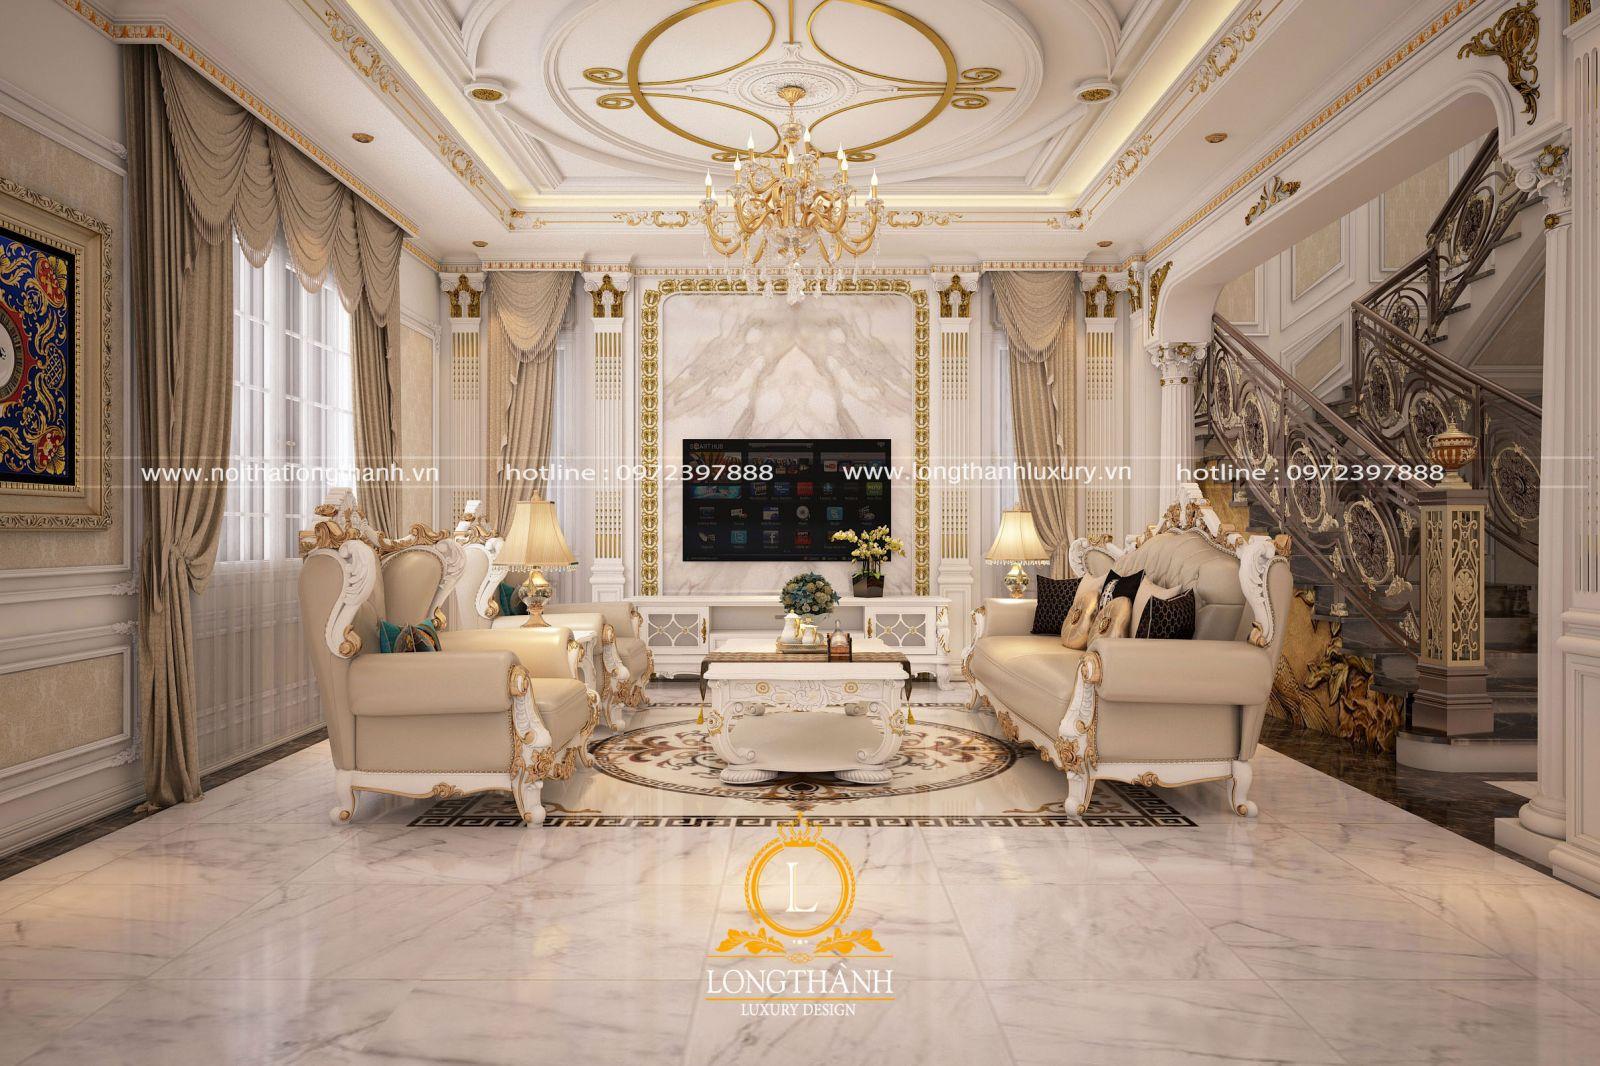 Tông màu trắng kem của nội thất tân cổ điển cho phòng khách sang trọng